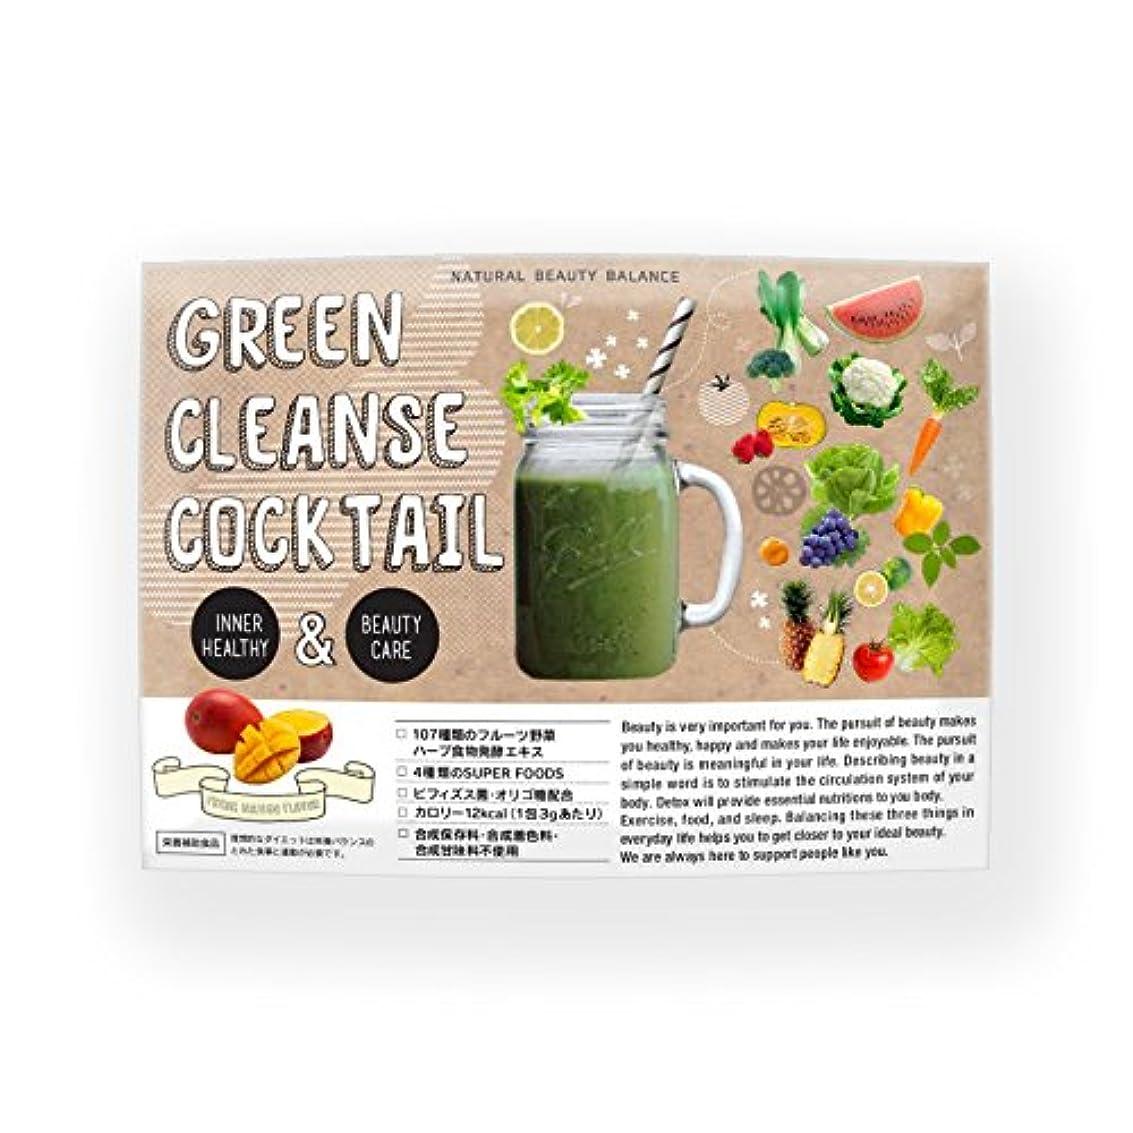 ソケット非武装化識別Natural Beauty Balance グリーンクレンズカクテル Green Cleanse Coktail ダイエット 30包